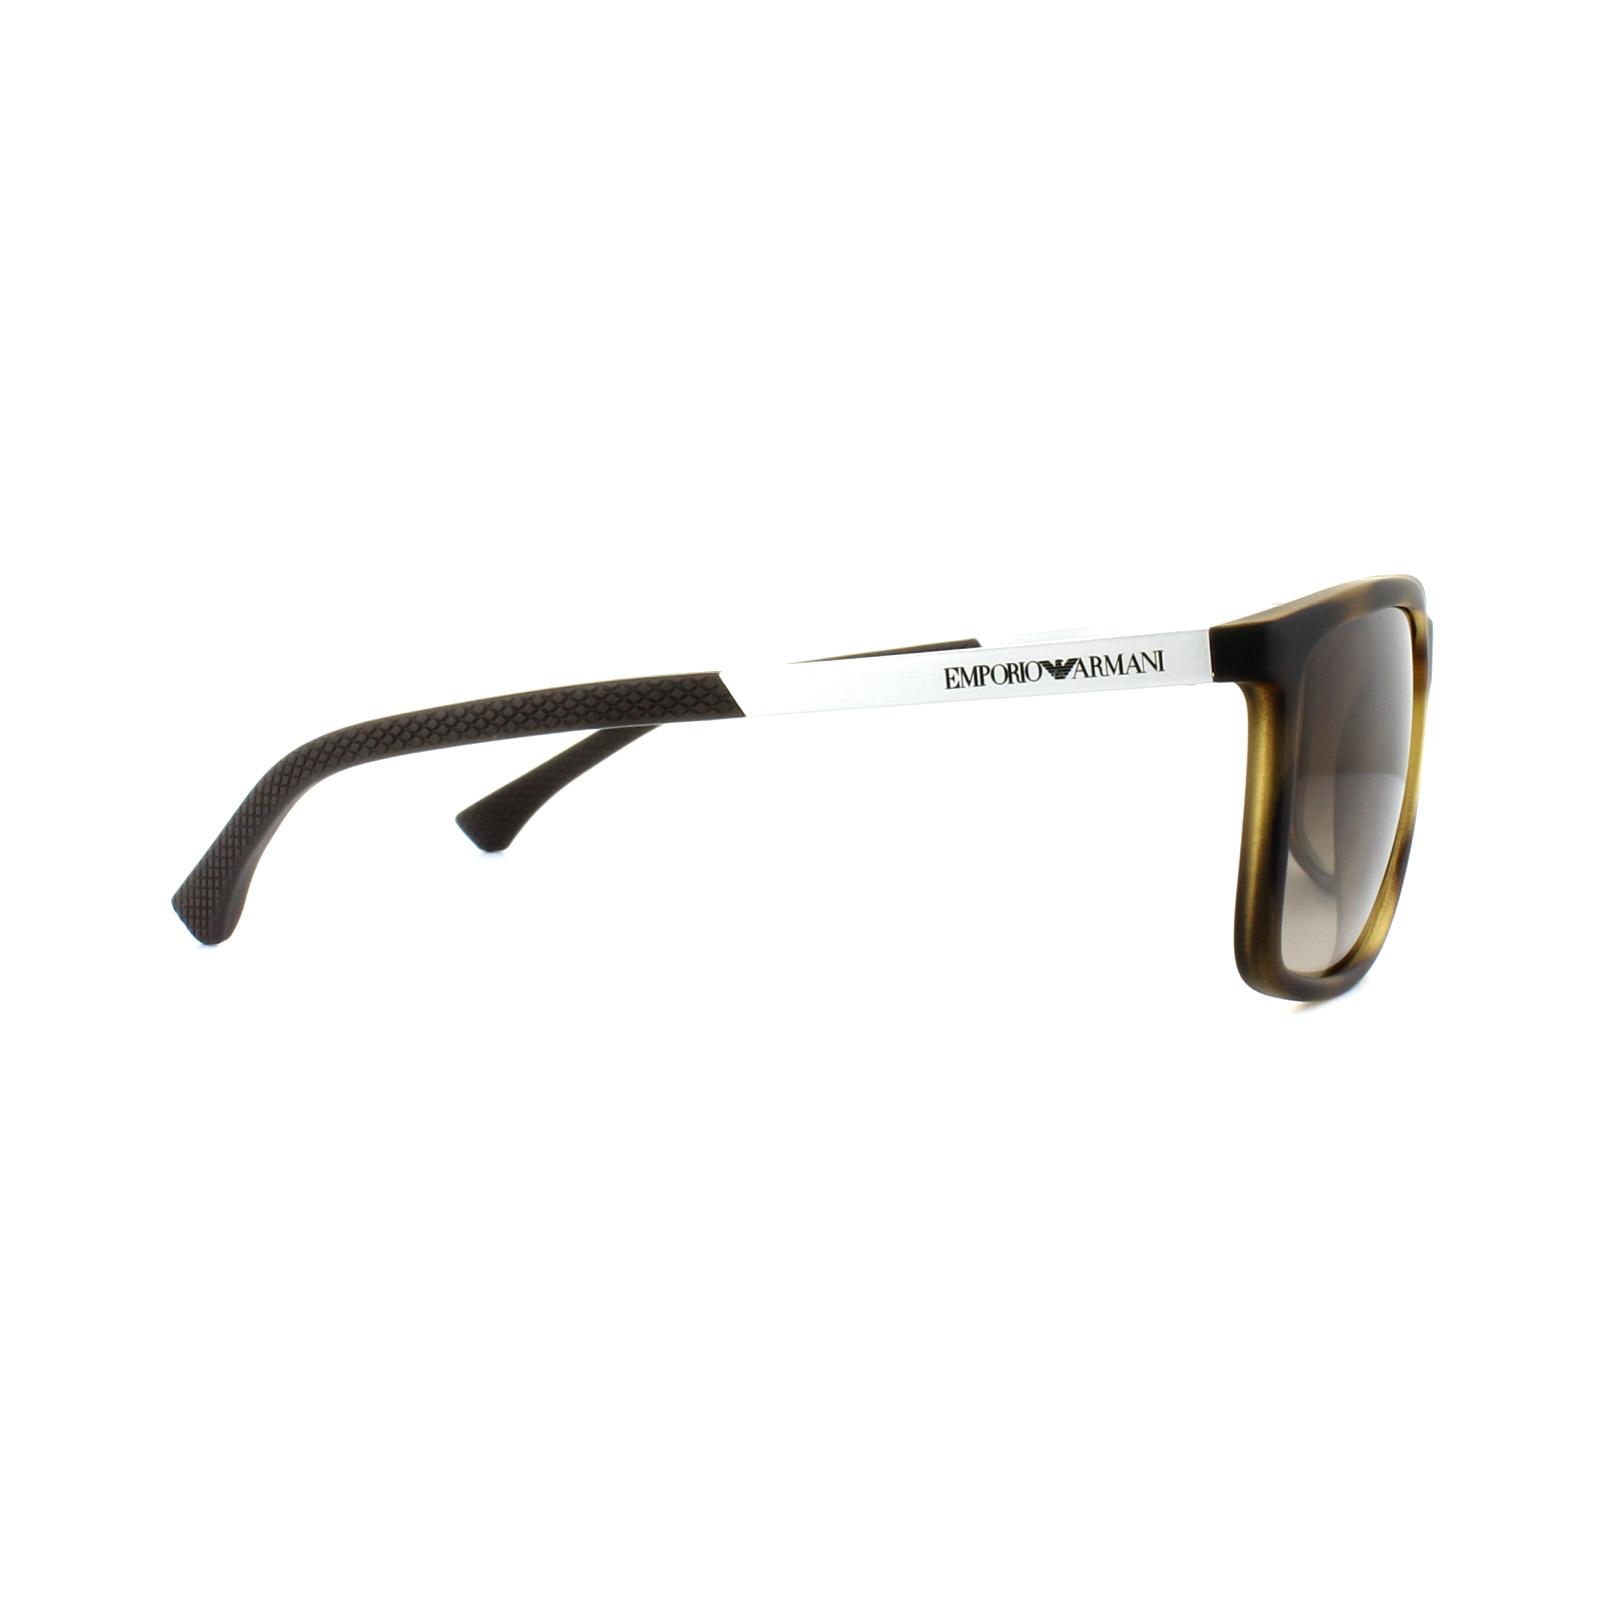 fc9fd5ca0fc Sentinel Emporio Armani Sunglasses EA4058 5594 13 Havana Rubber Brown  Gradient